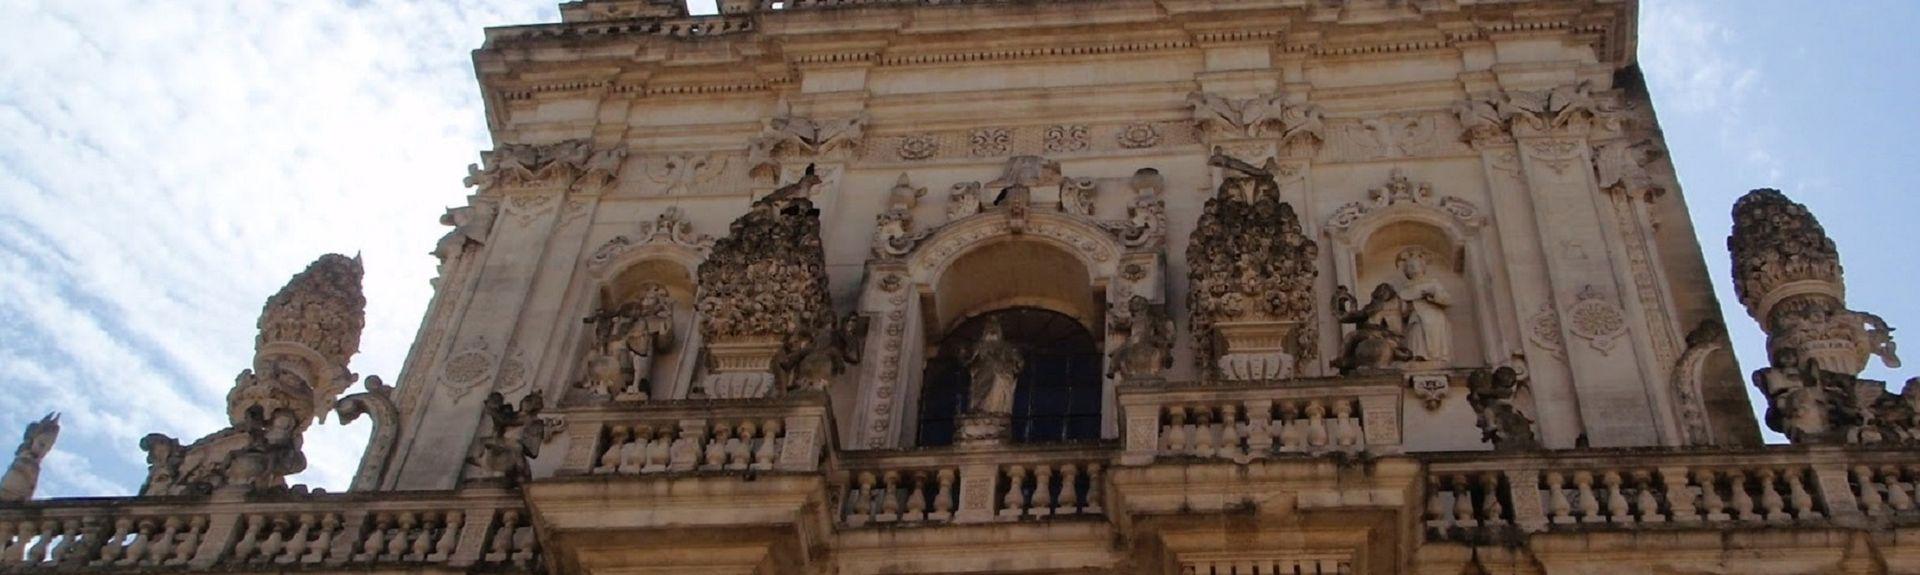 Tour de Chianca, Lecce, Pouilles, Italie